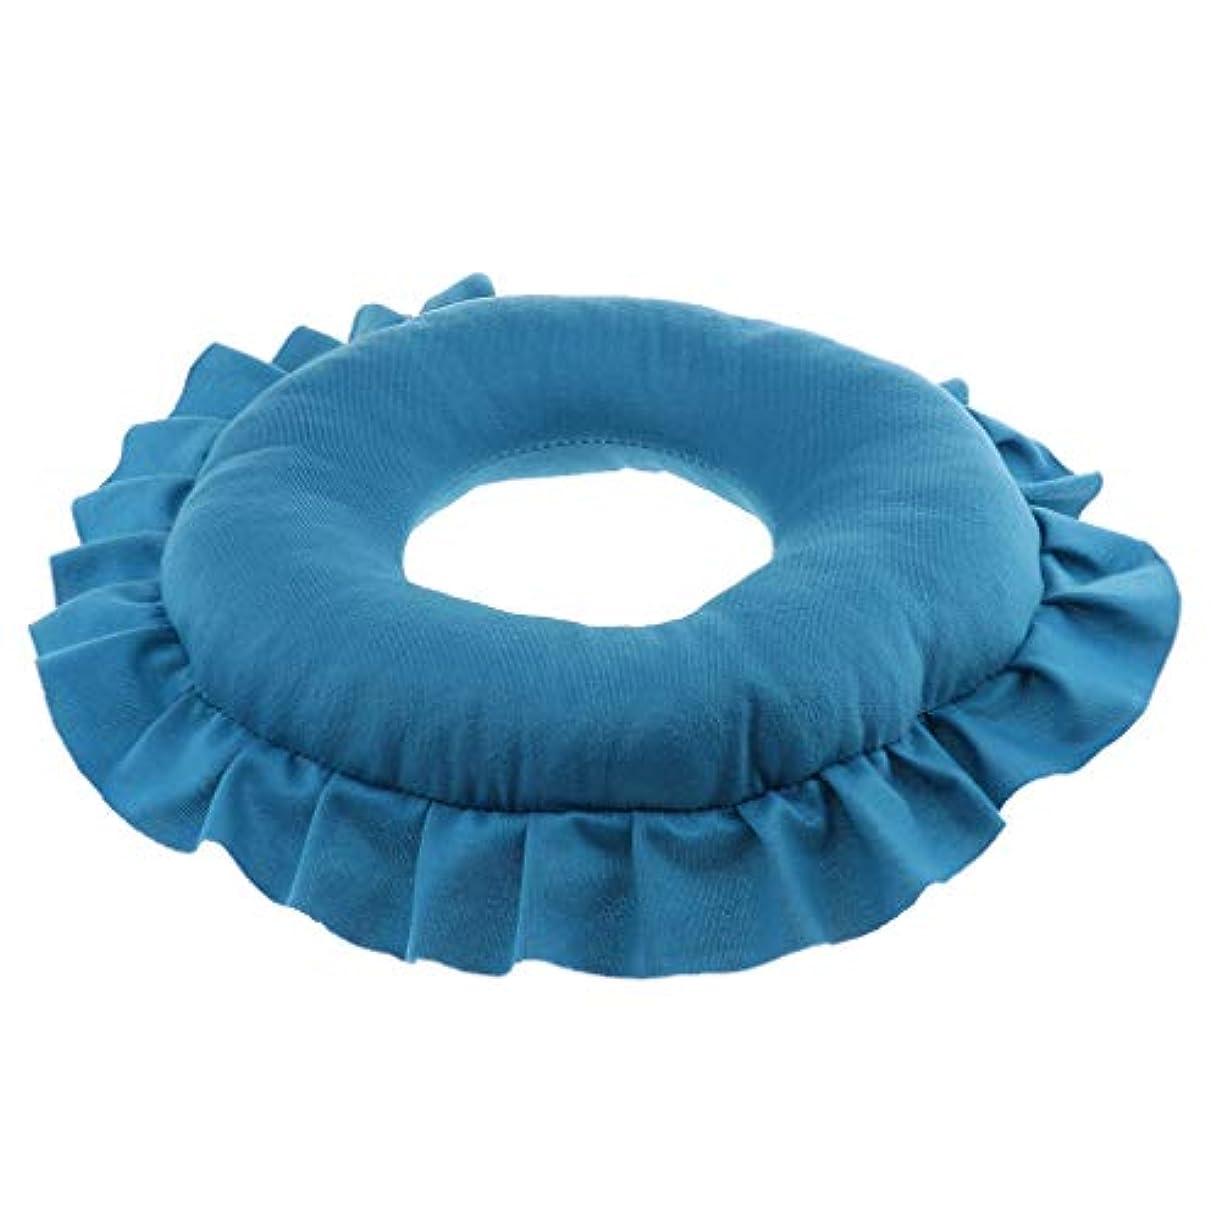 に慣れ最小化するメロディアスsharprepublic マッサージ枕 顔枕 エステマクラ 首枕 クッション うつ伏せ 顔 額 首 枕 マッサージ 全4色 - 青